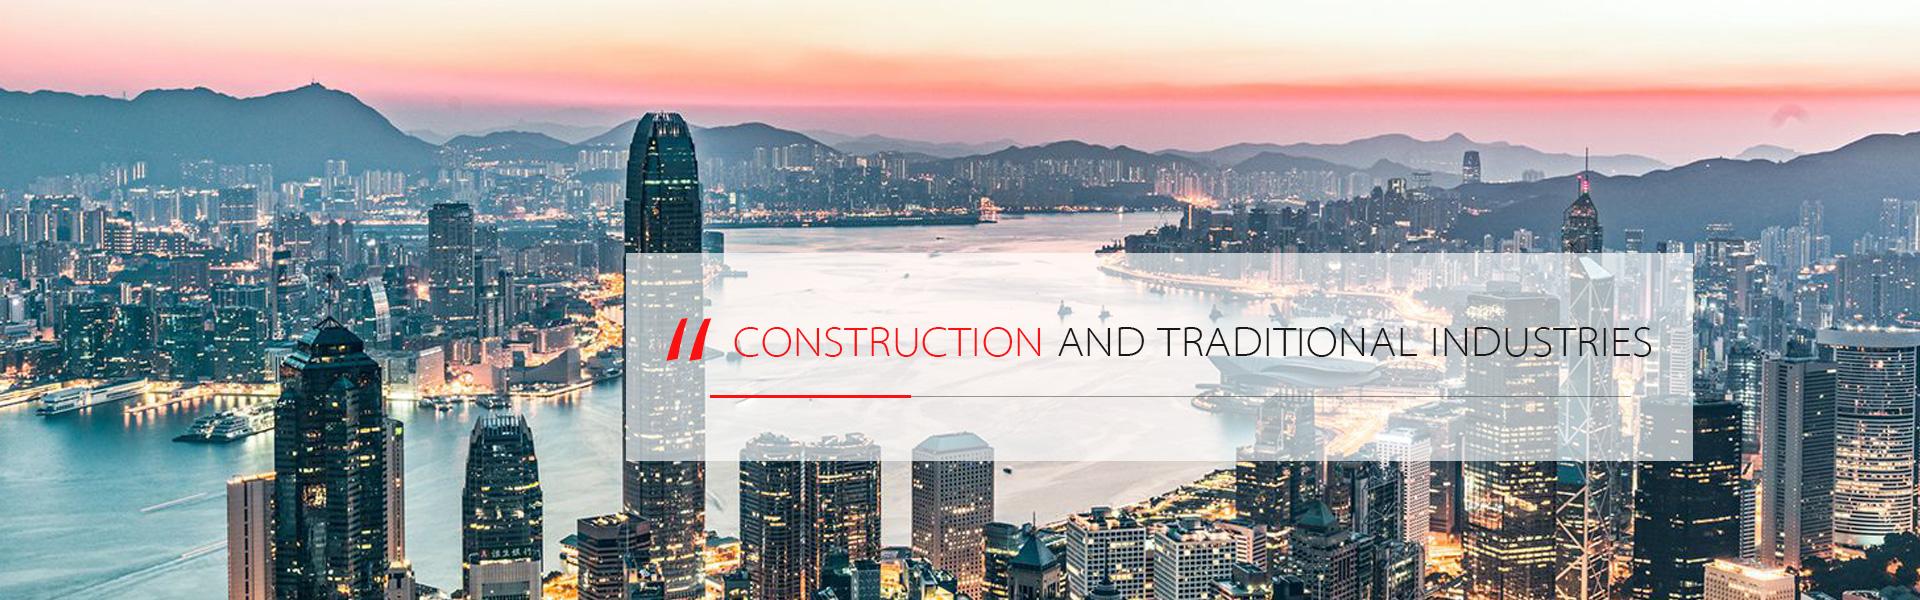 工业与建筑业